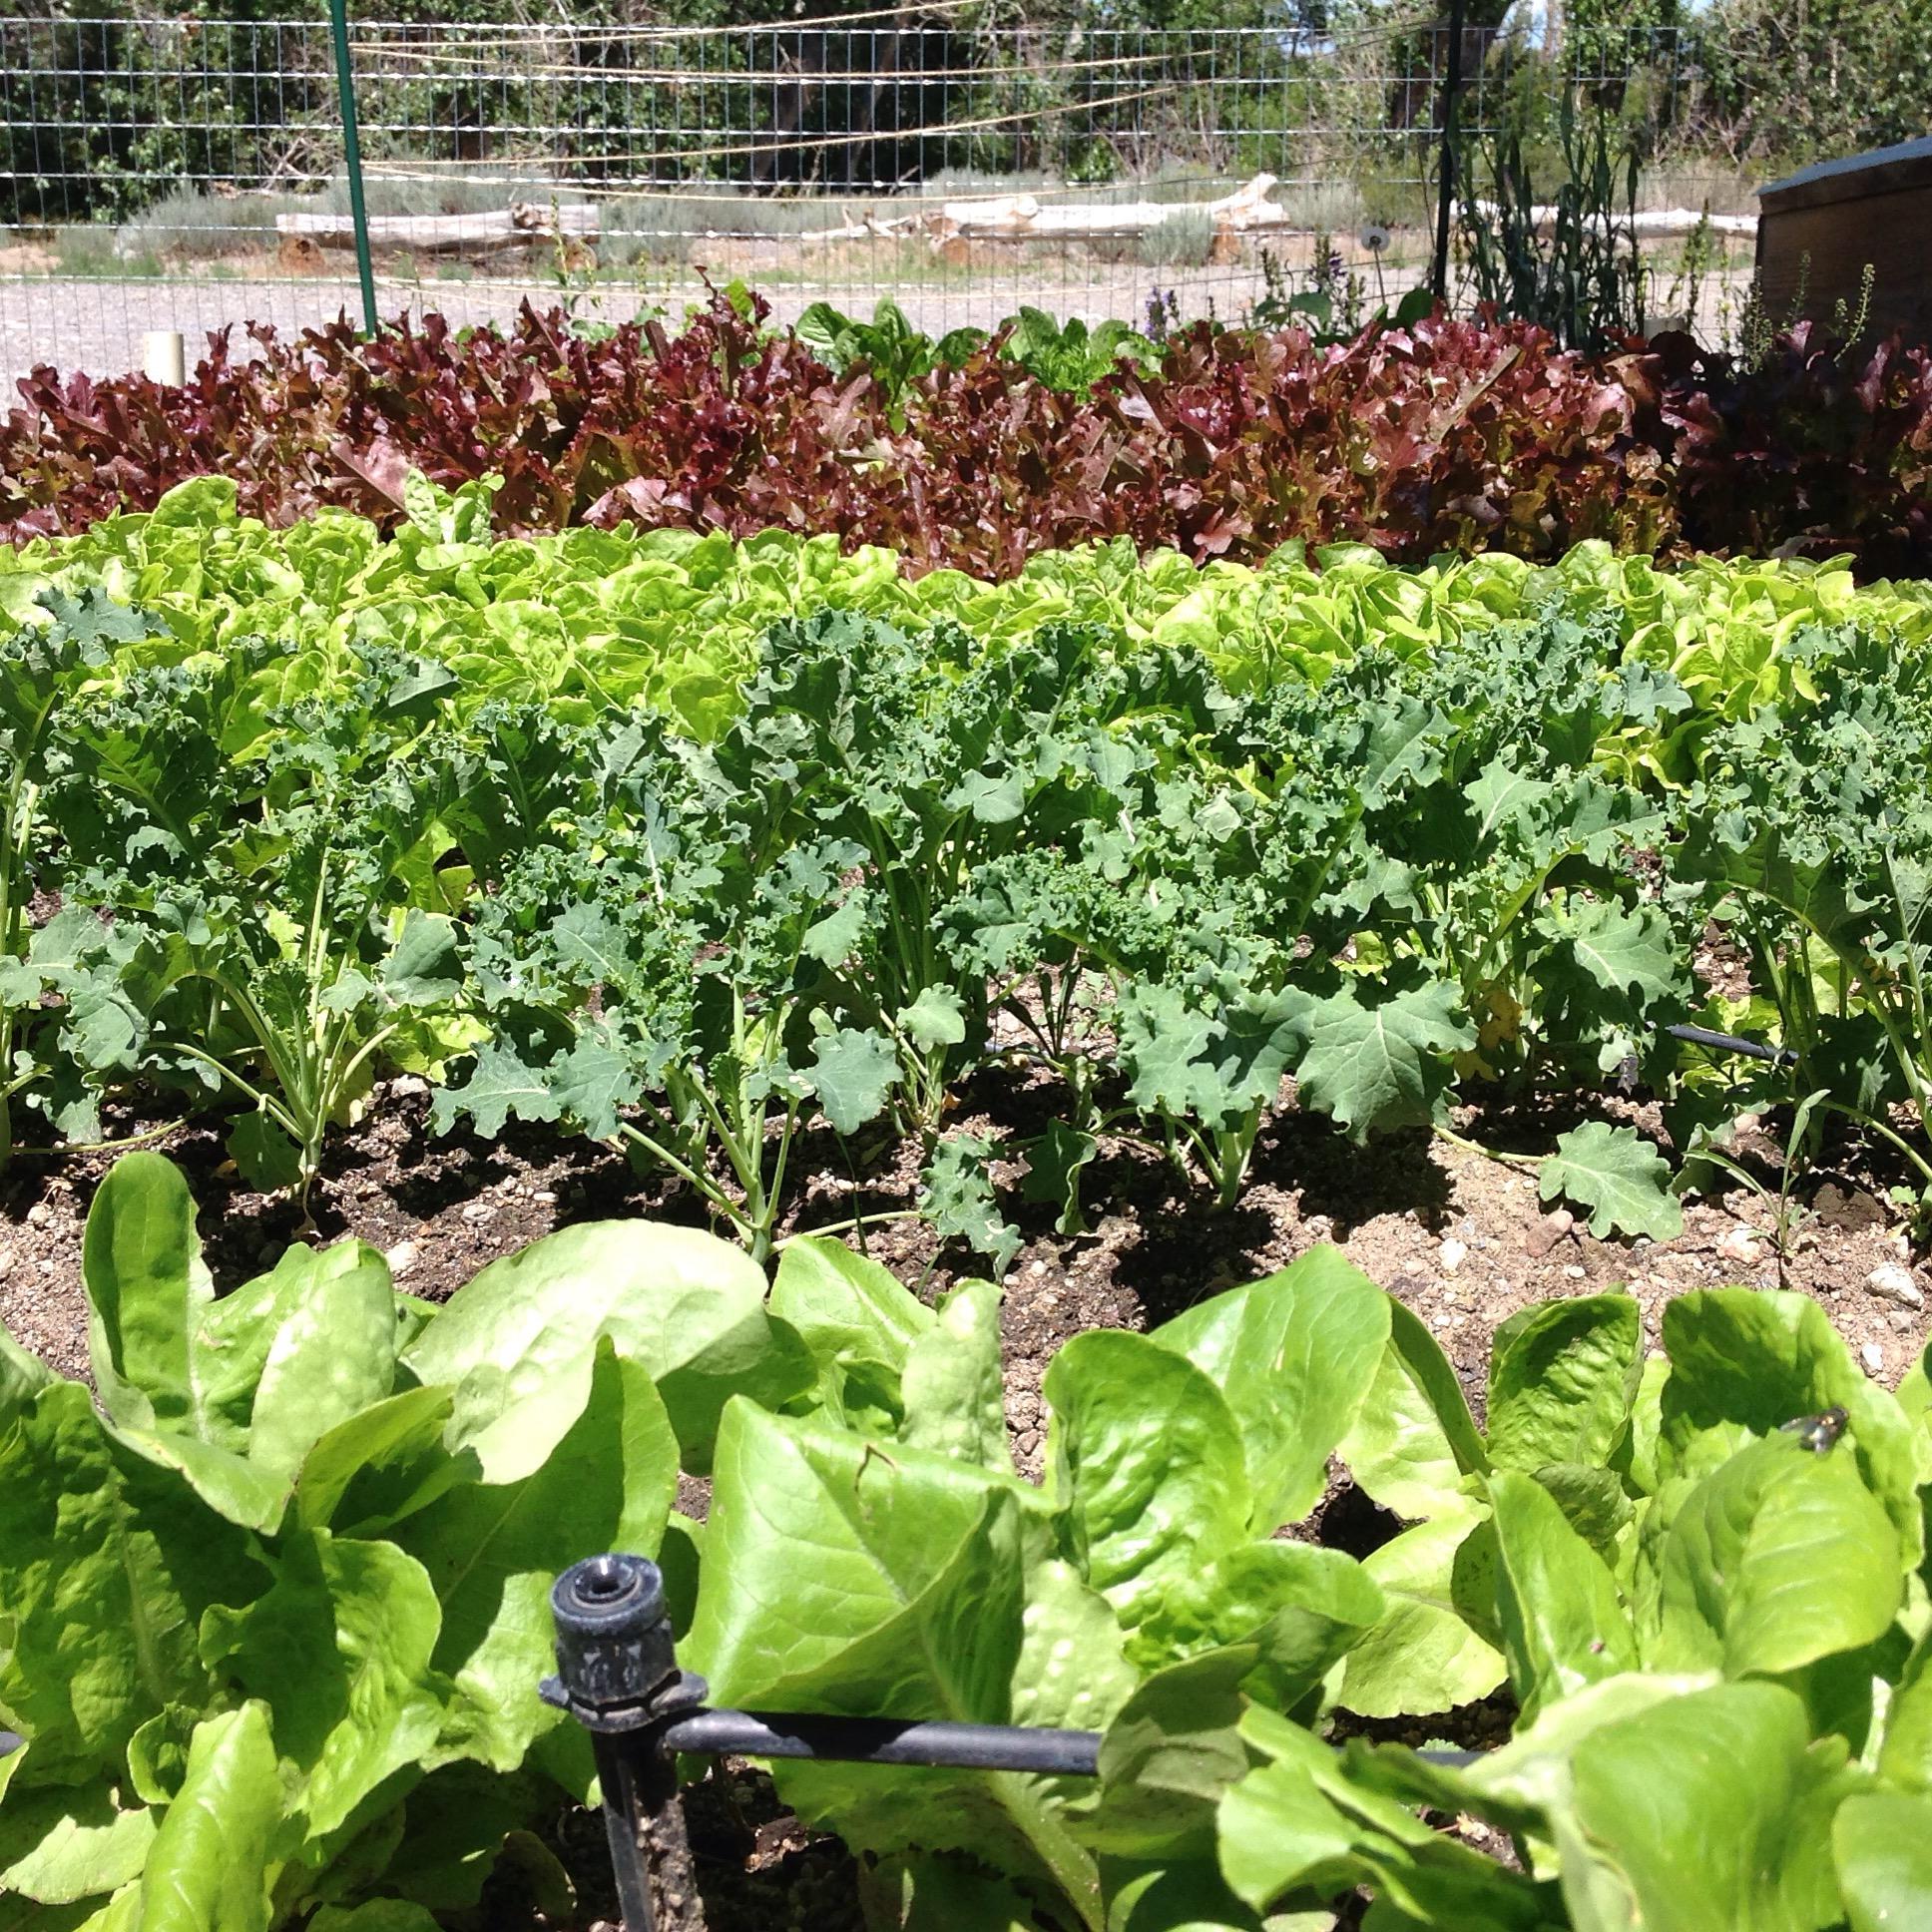 Meadway Farms Lettuce Garden